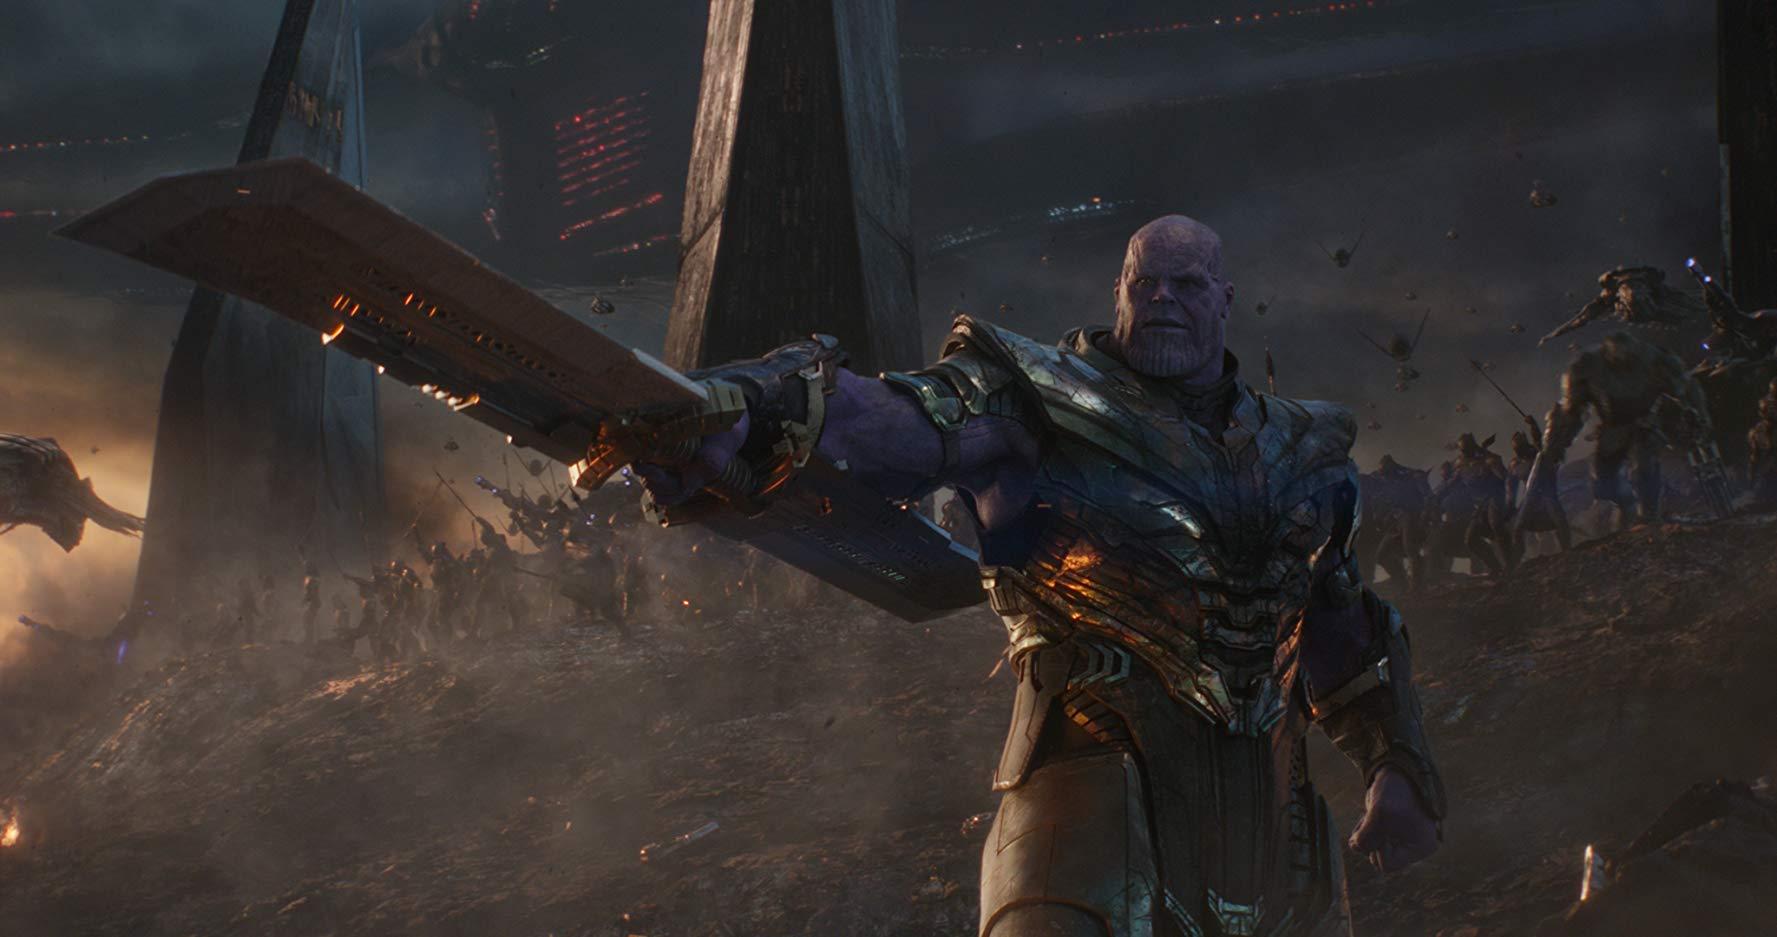 Thanos, um vilão proeminente nas histórias em quadrinhos da Marvel que foi destaque em vários filmes teatrais, foi criado por Jim Starlin com a ajuda de seu colega de quarto Mike Friedrich, que escreveu as primeiras histórias com o personagem. Foto cedida por Disney filmes.